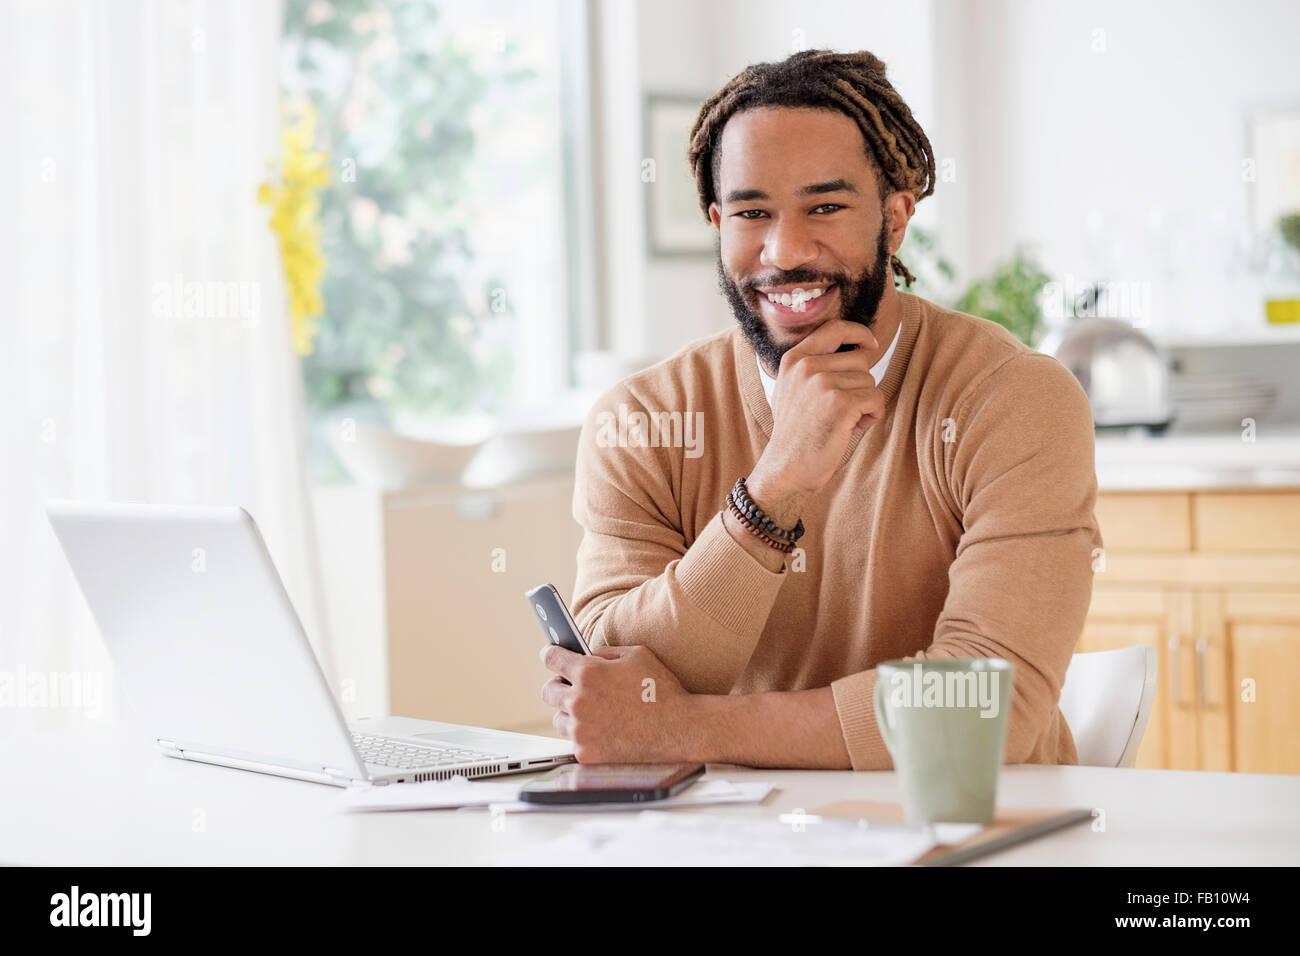 Porträt von Smiley junger Mann mit Laptop am Tisch Stockbild